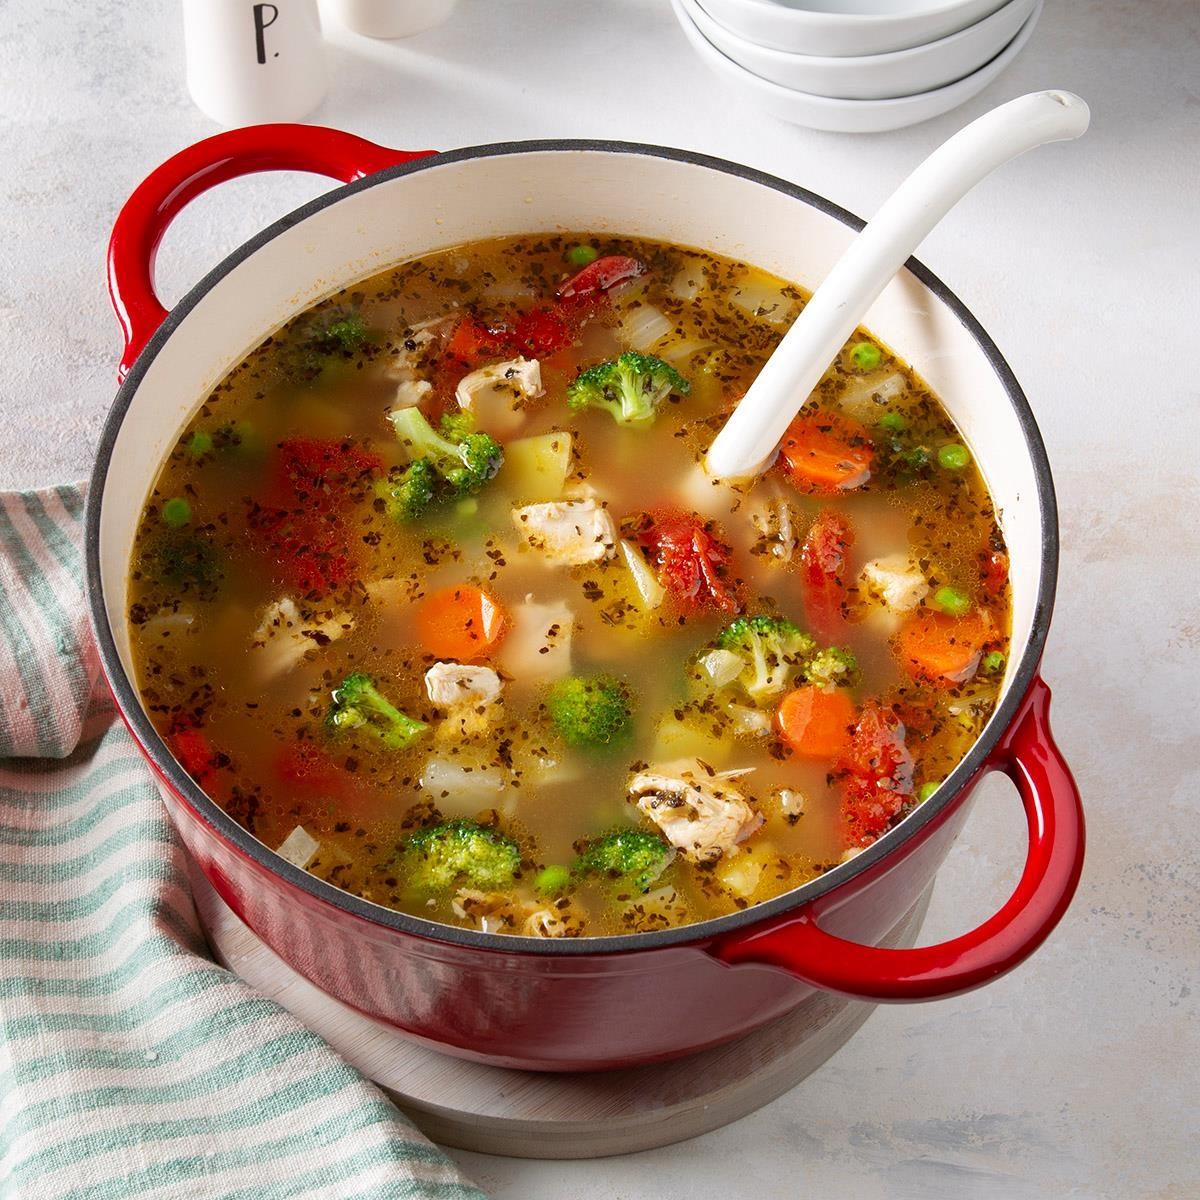 ヘルシーな自家製野菜スープレシピ